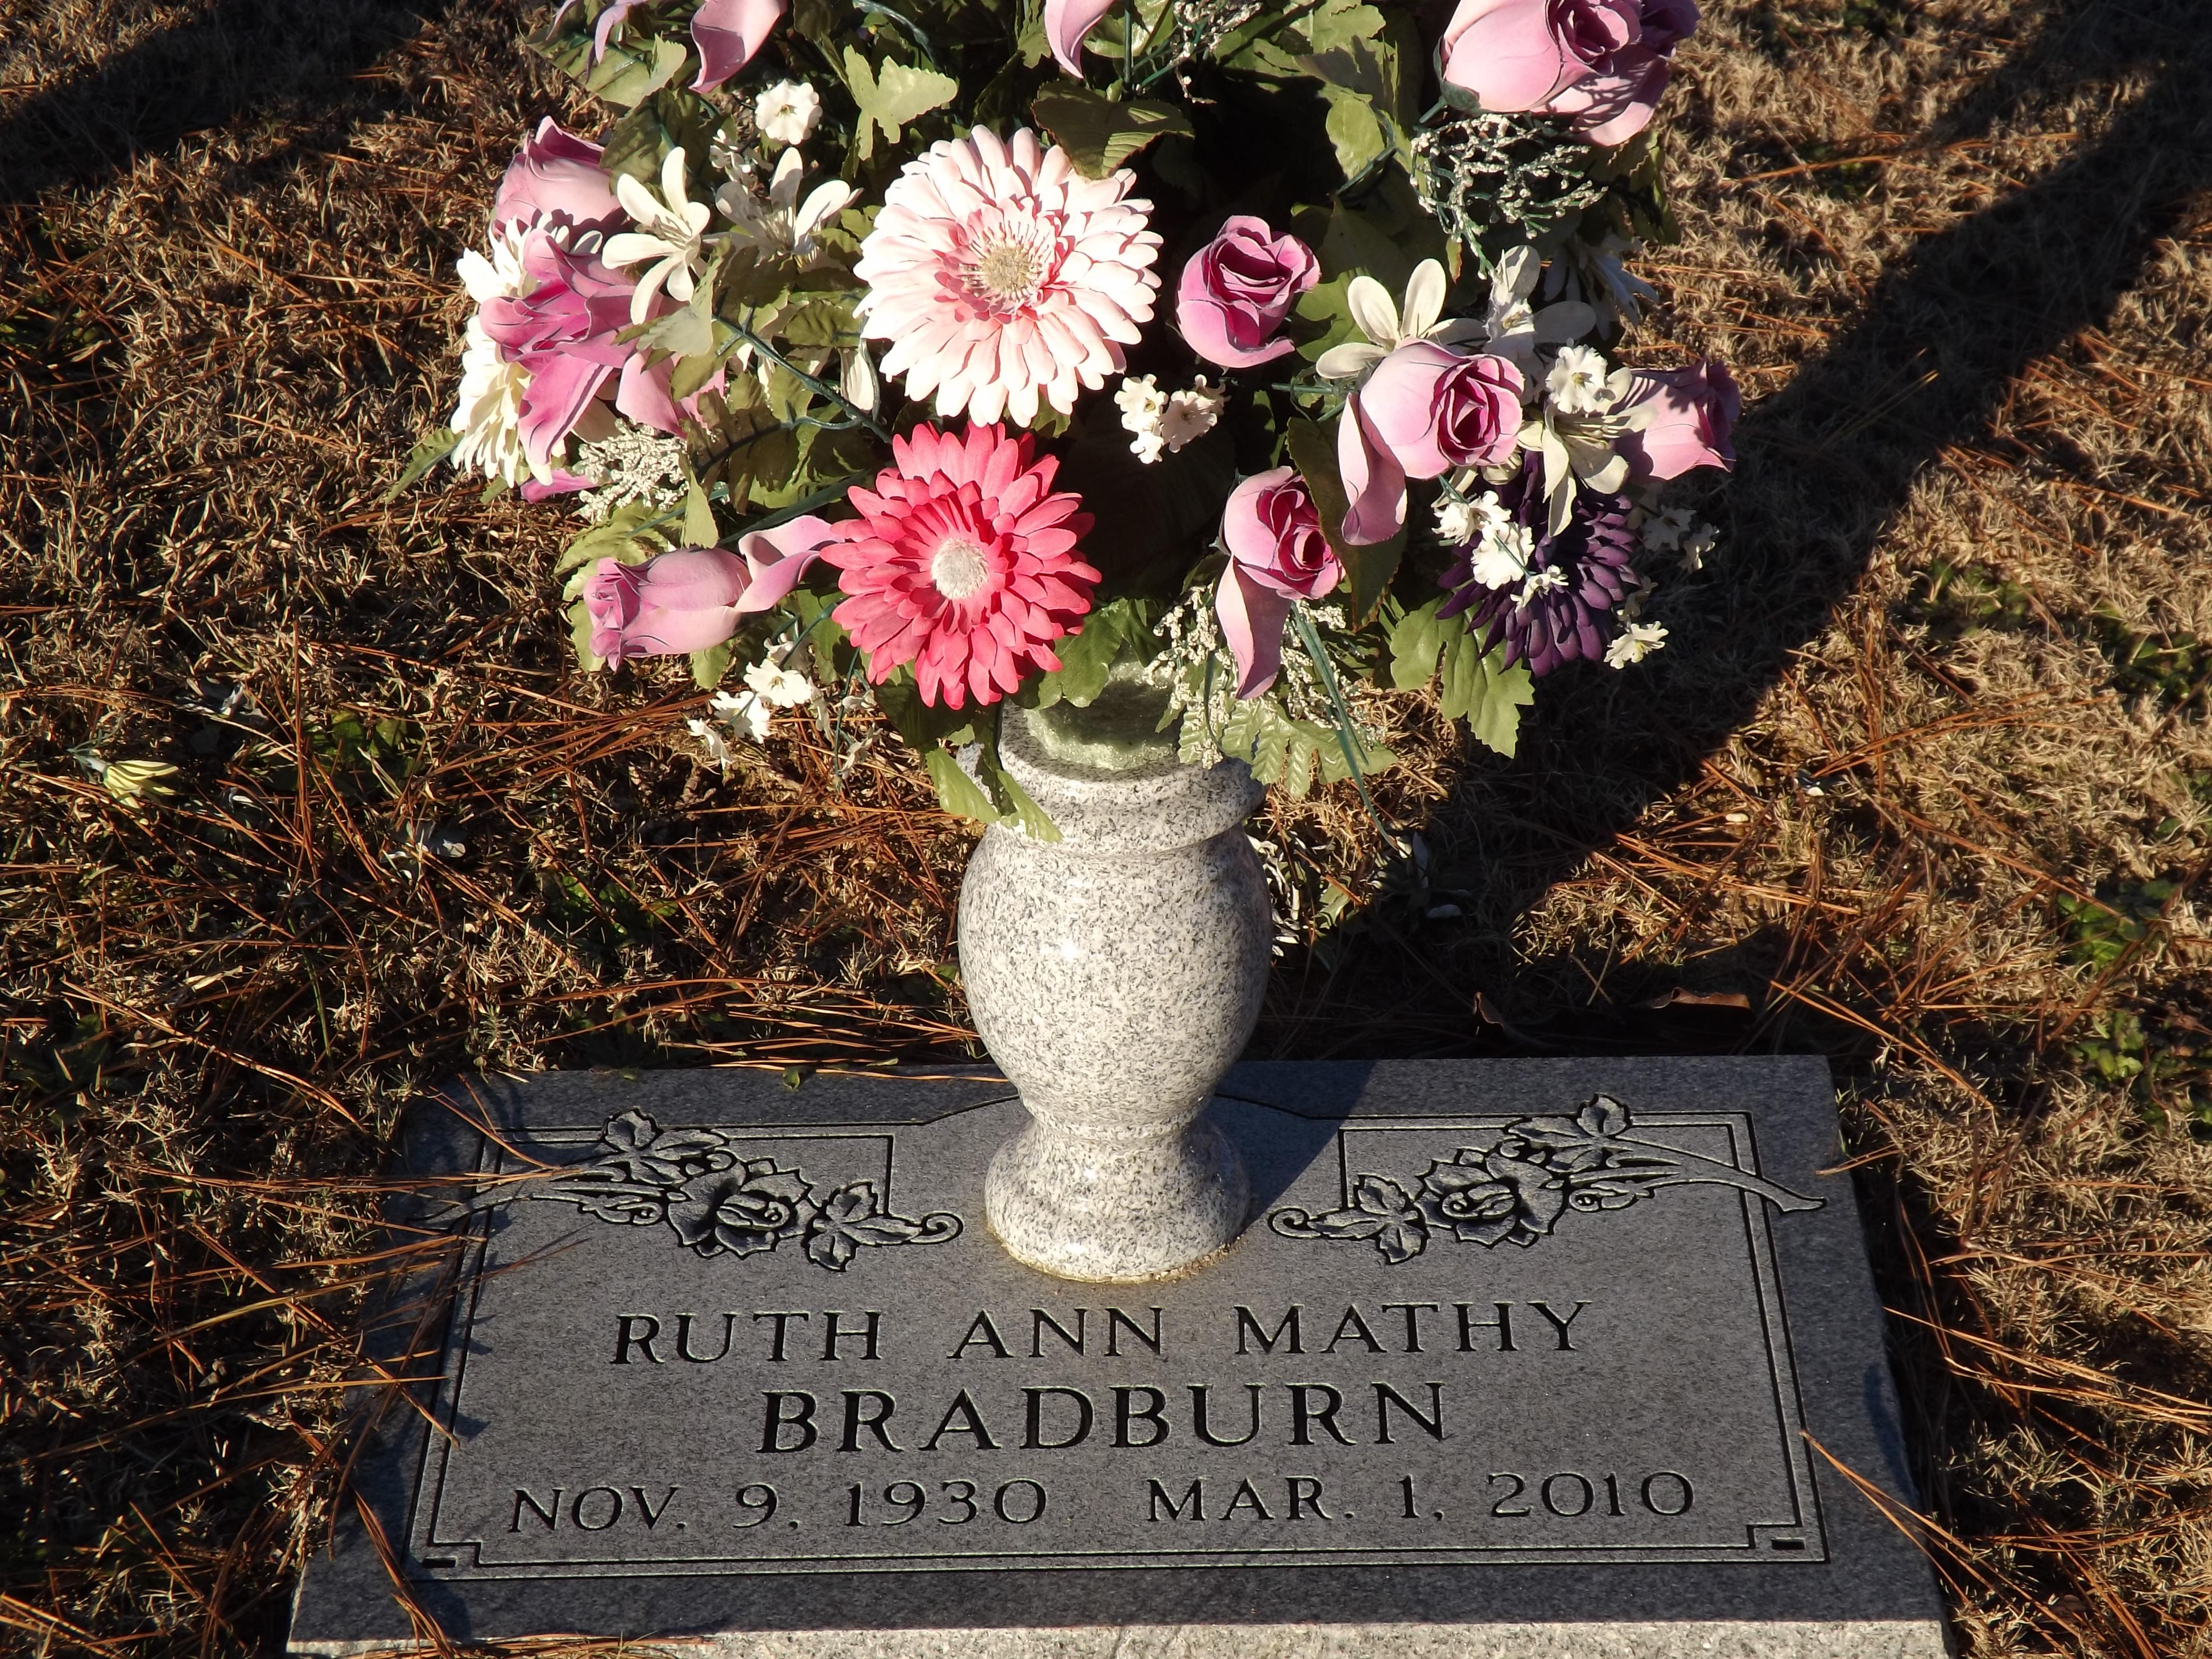 Ruth Ann Mathy Bradburn (1930-2010) - Find A Grave Memorial